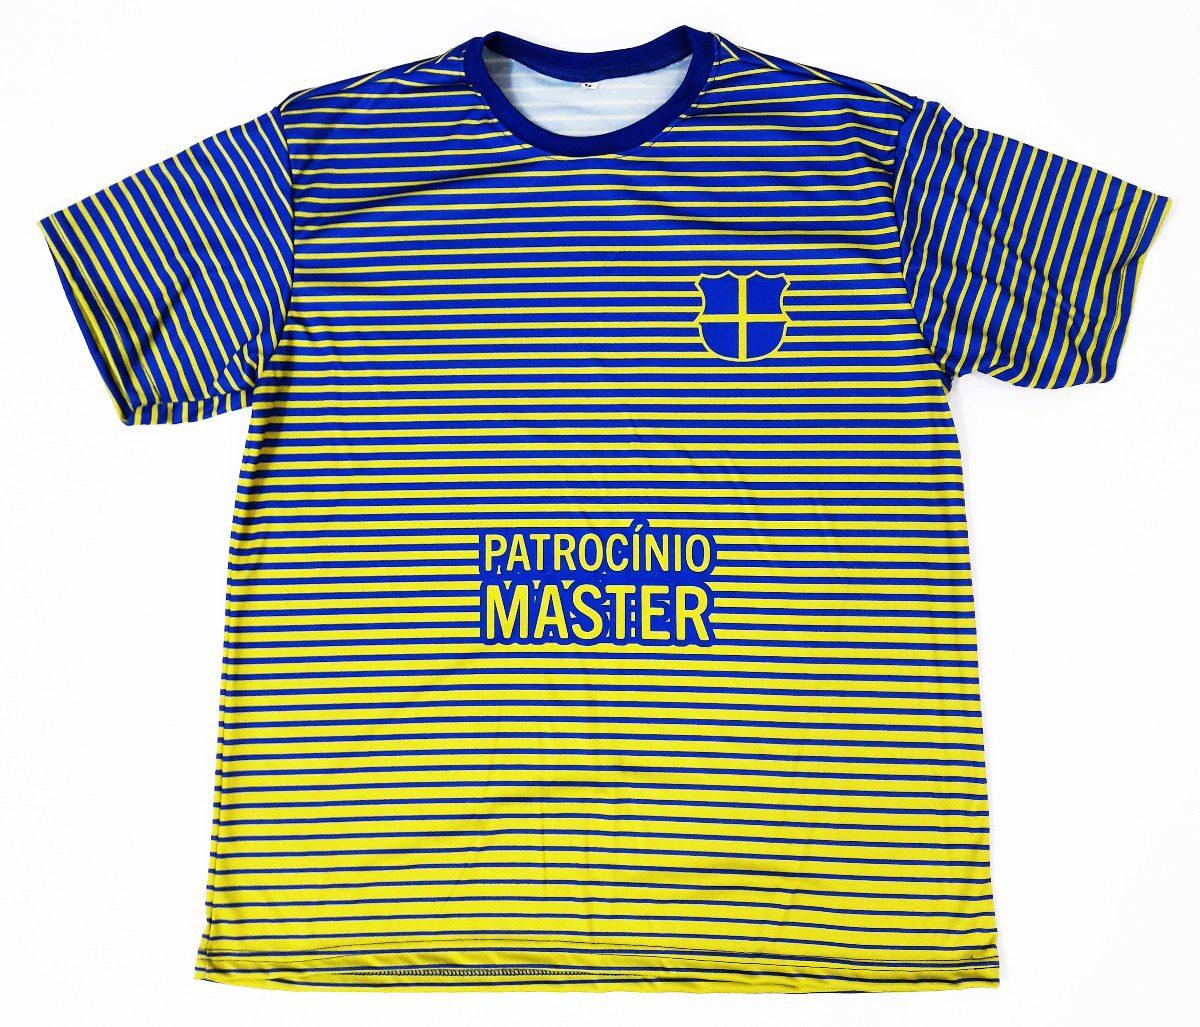 camisa futebol personalizado time uniforme fardamento promo. Carregando  zoom. 3681643d0f654